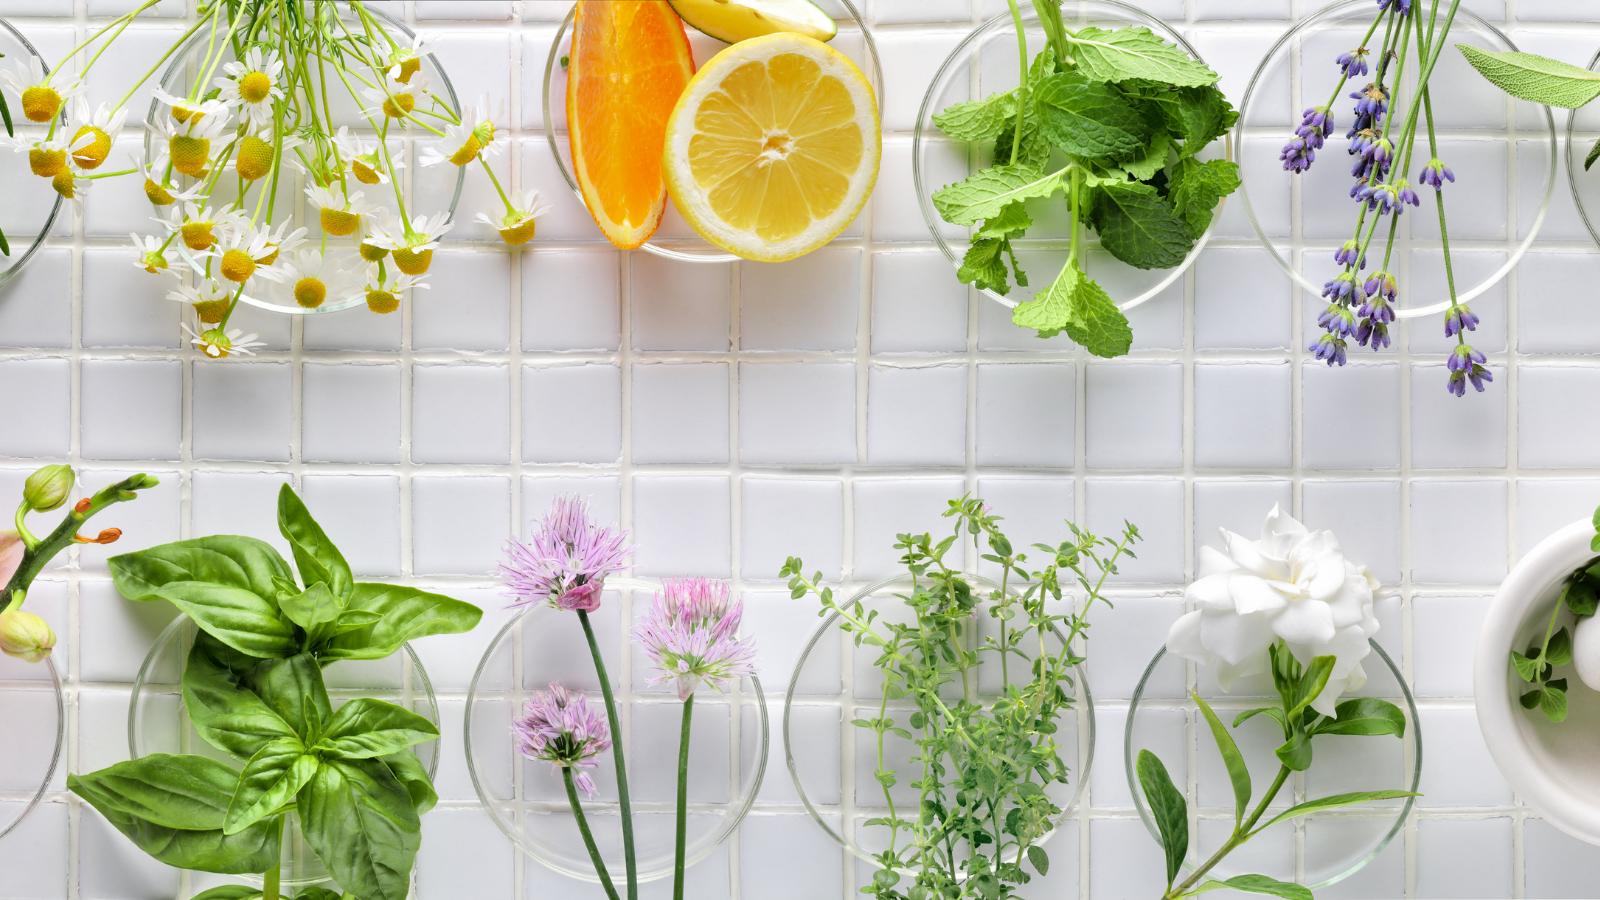 Quelles plantes utilisons-nous pour dorloter votre peau ?